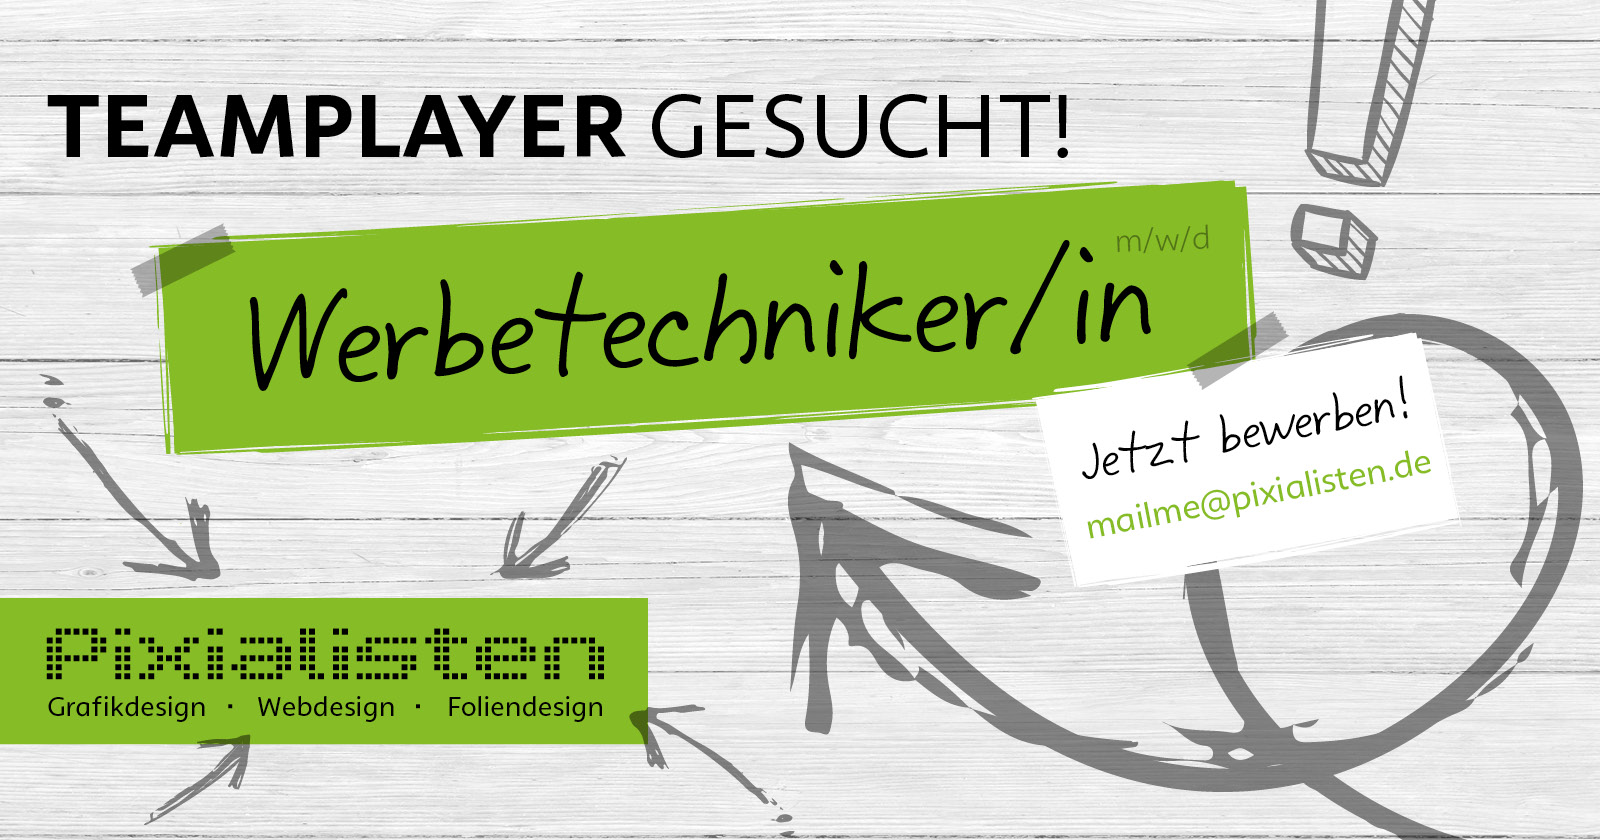 Teamplayer gesucht! Werbetechniker m/w/d – jetzt bewerben!